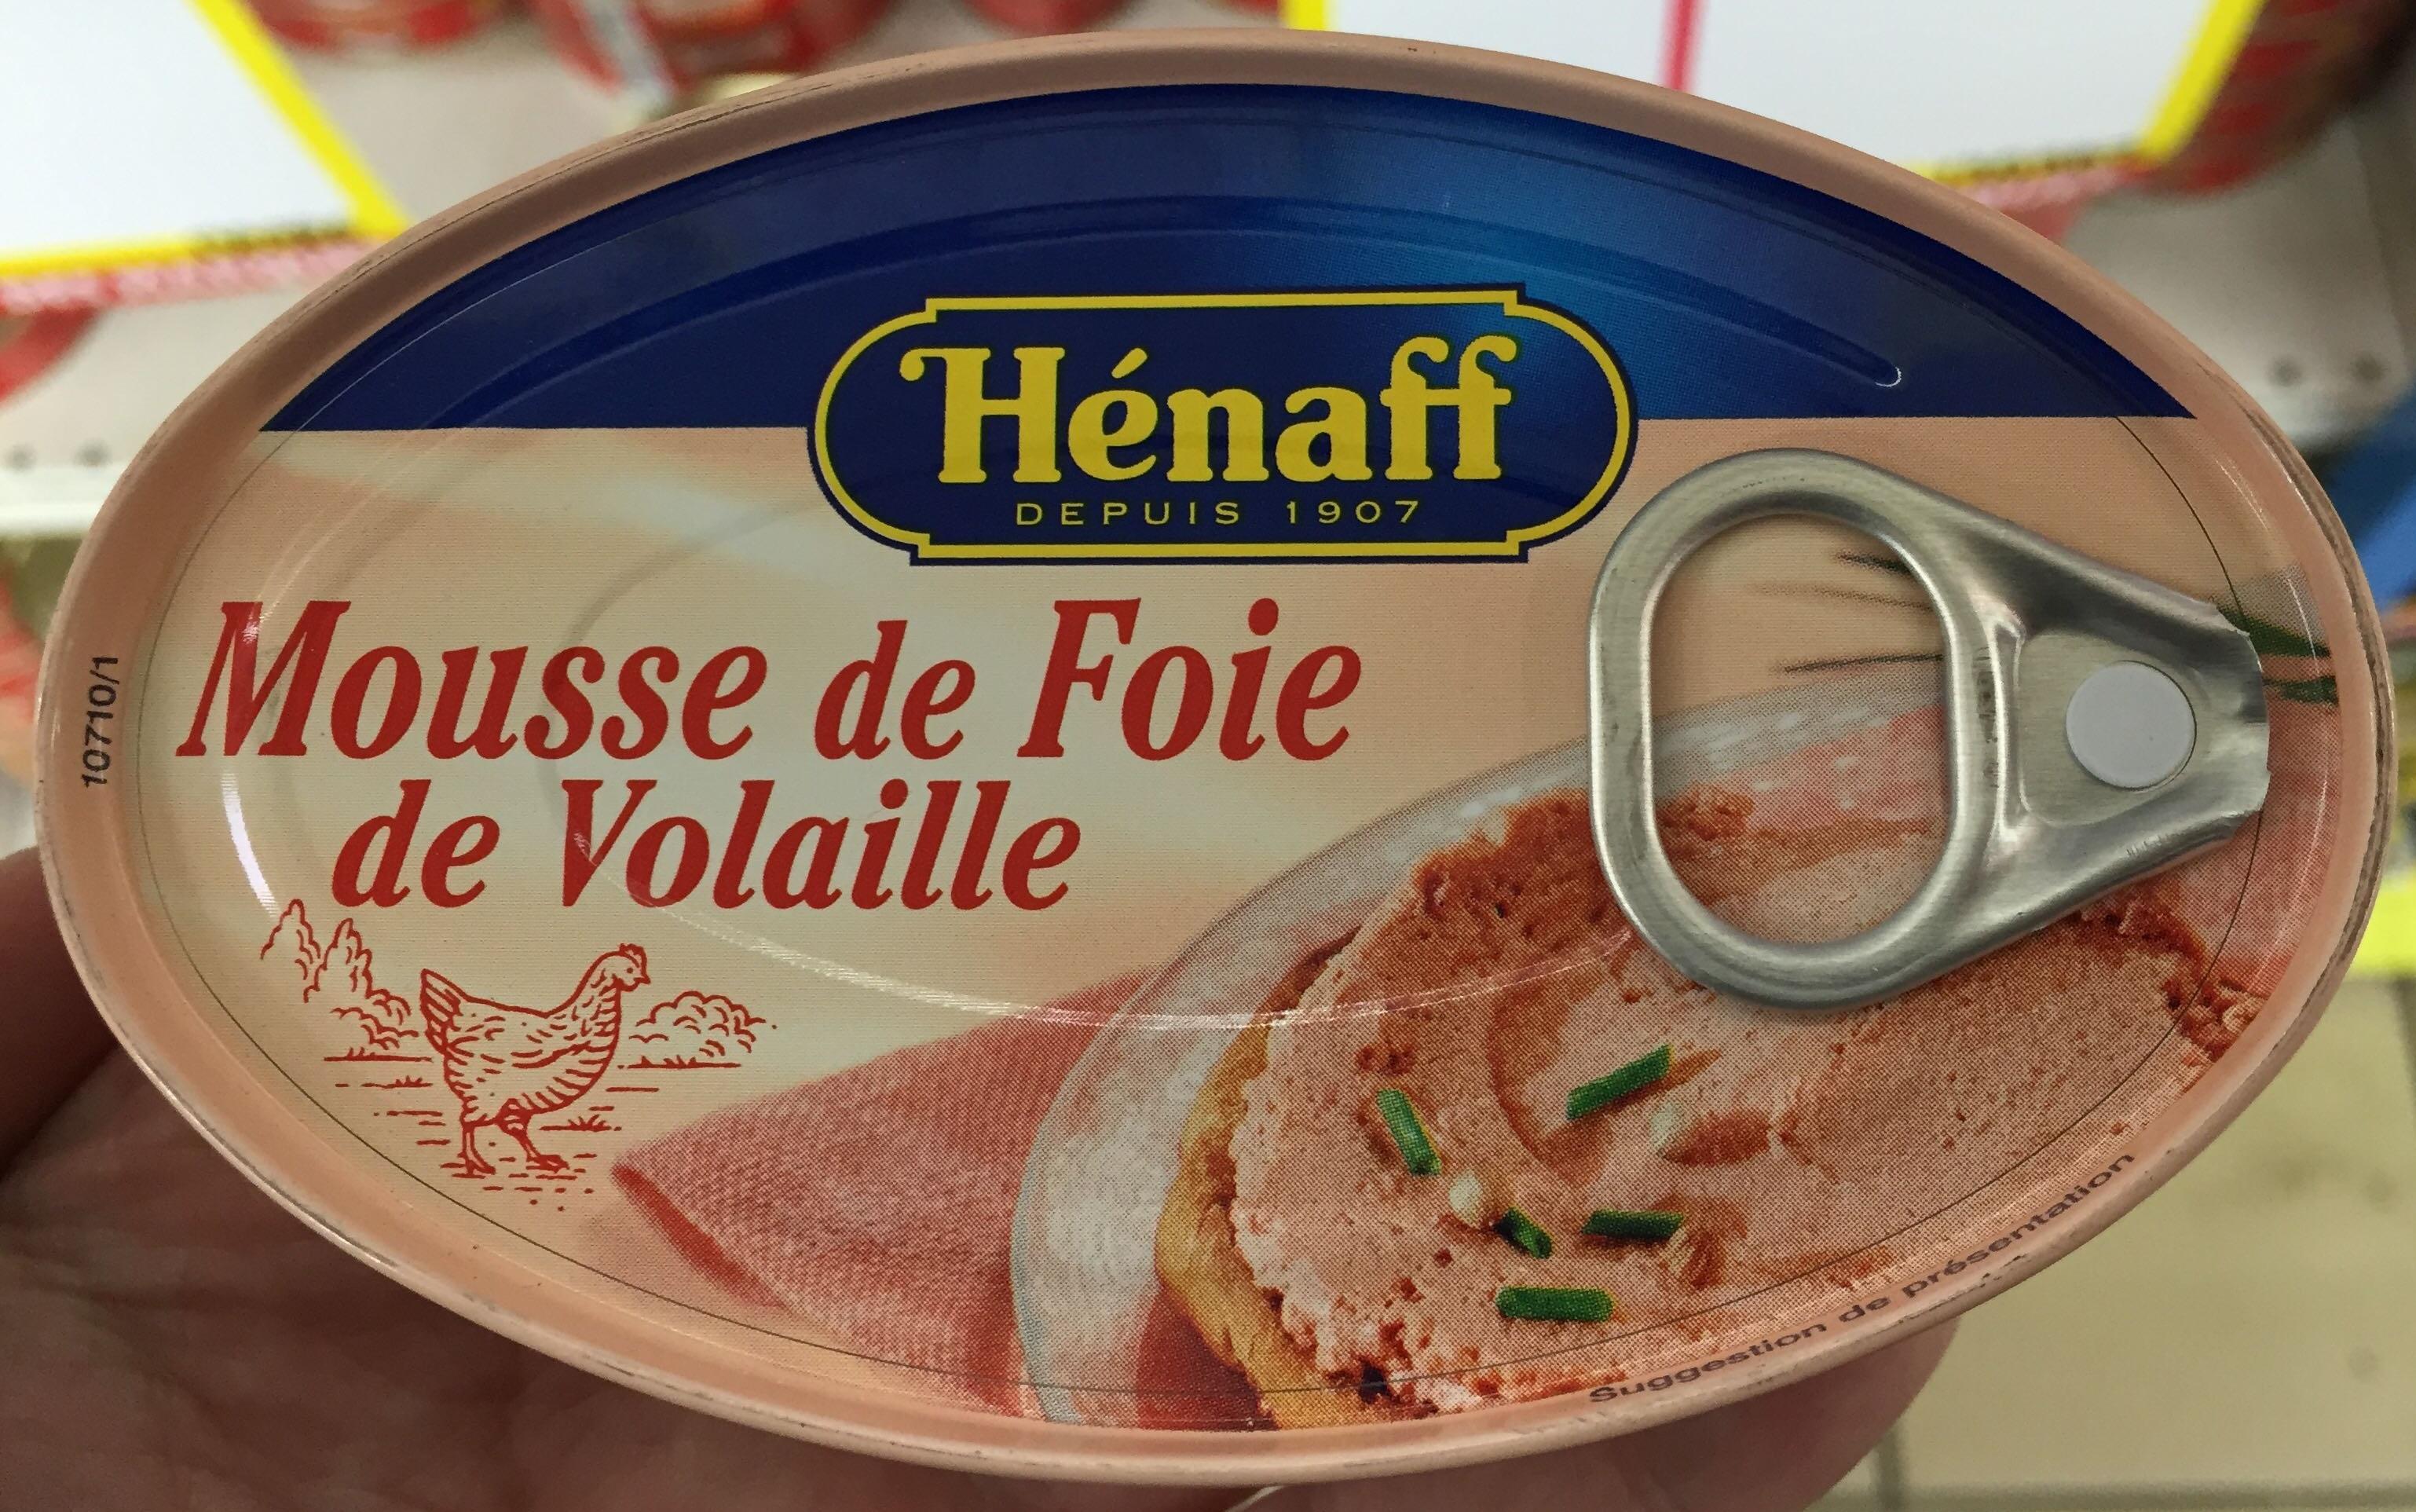 Mousse de Foie de Volaille - Product